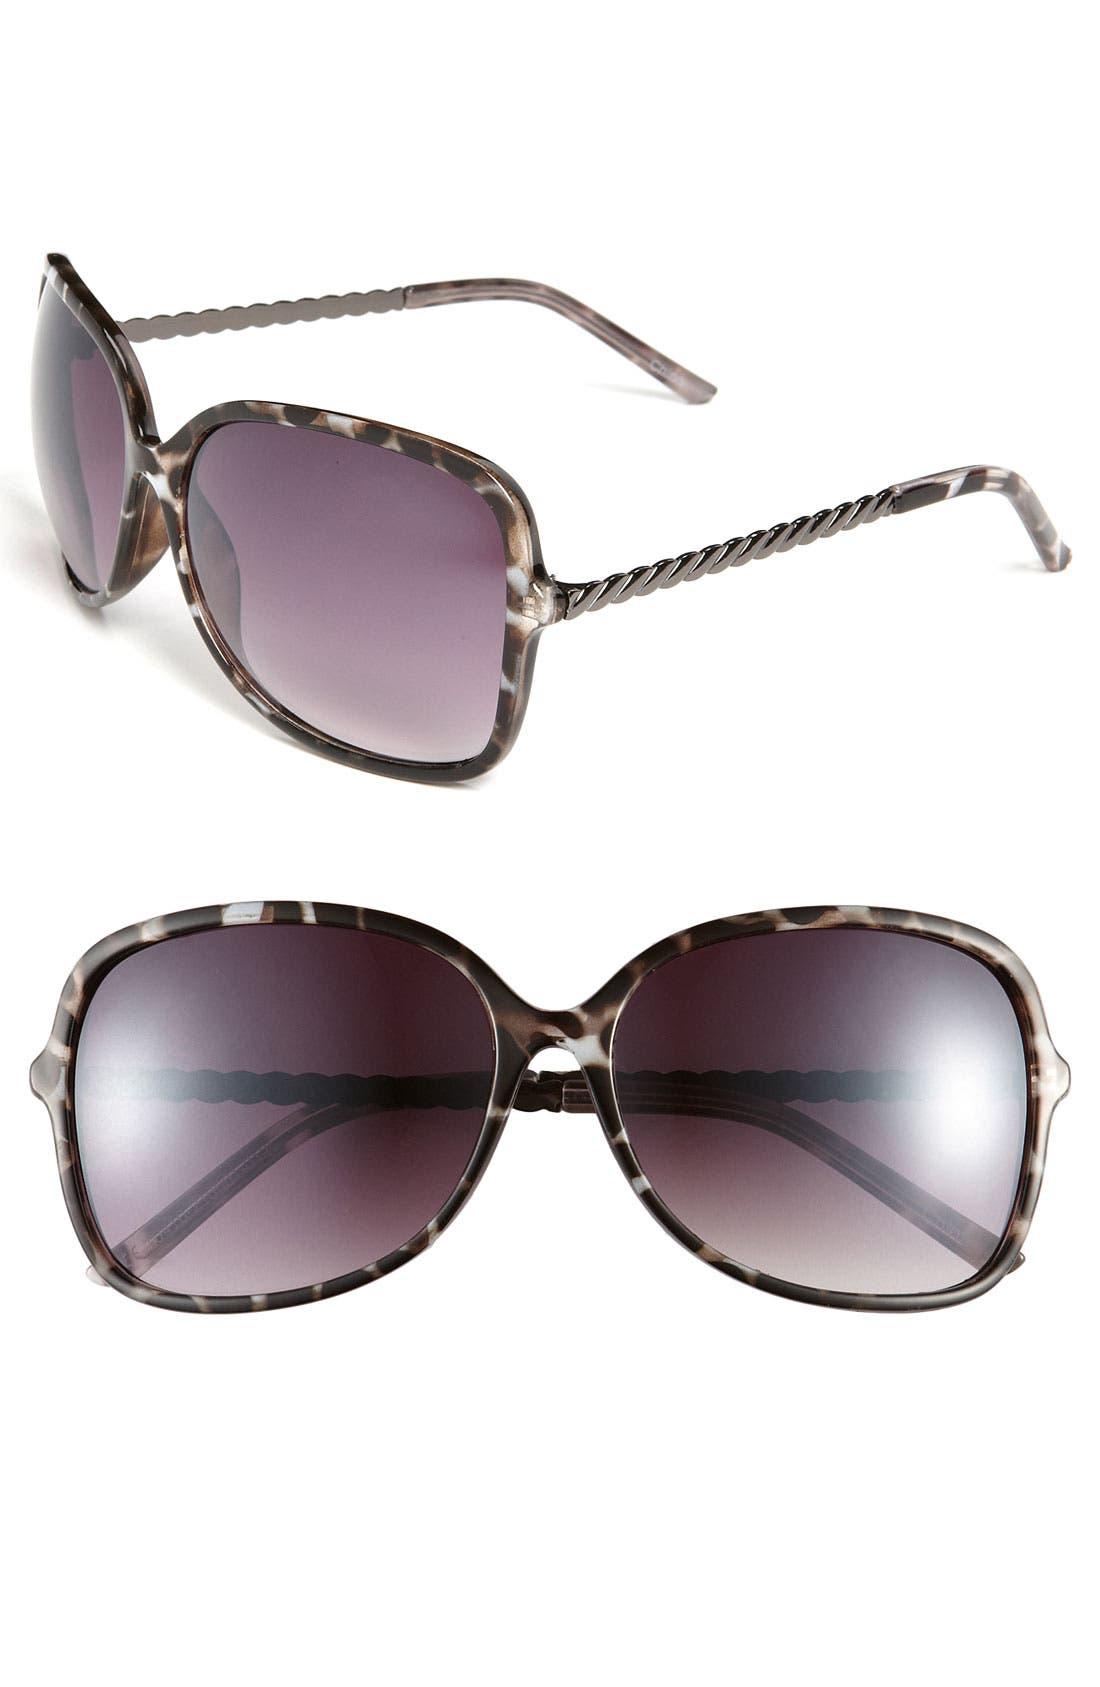 Alternate Image 1 Selected - Icon Eyewear 'Kelli' Oversized Sunglasses